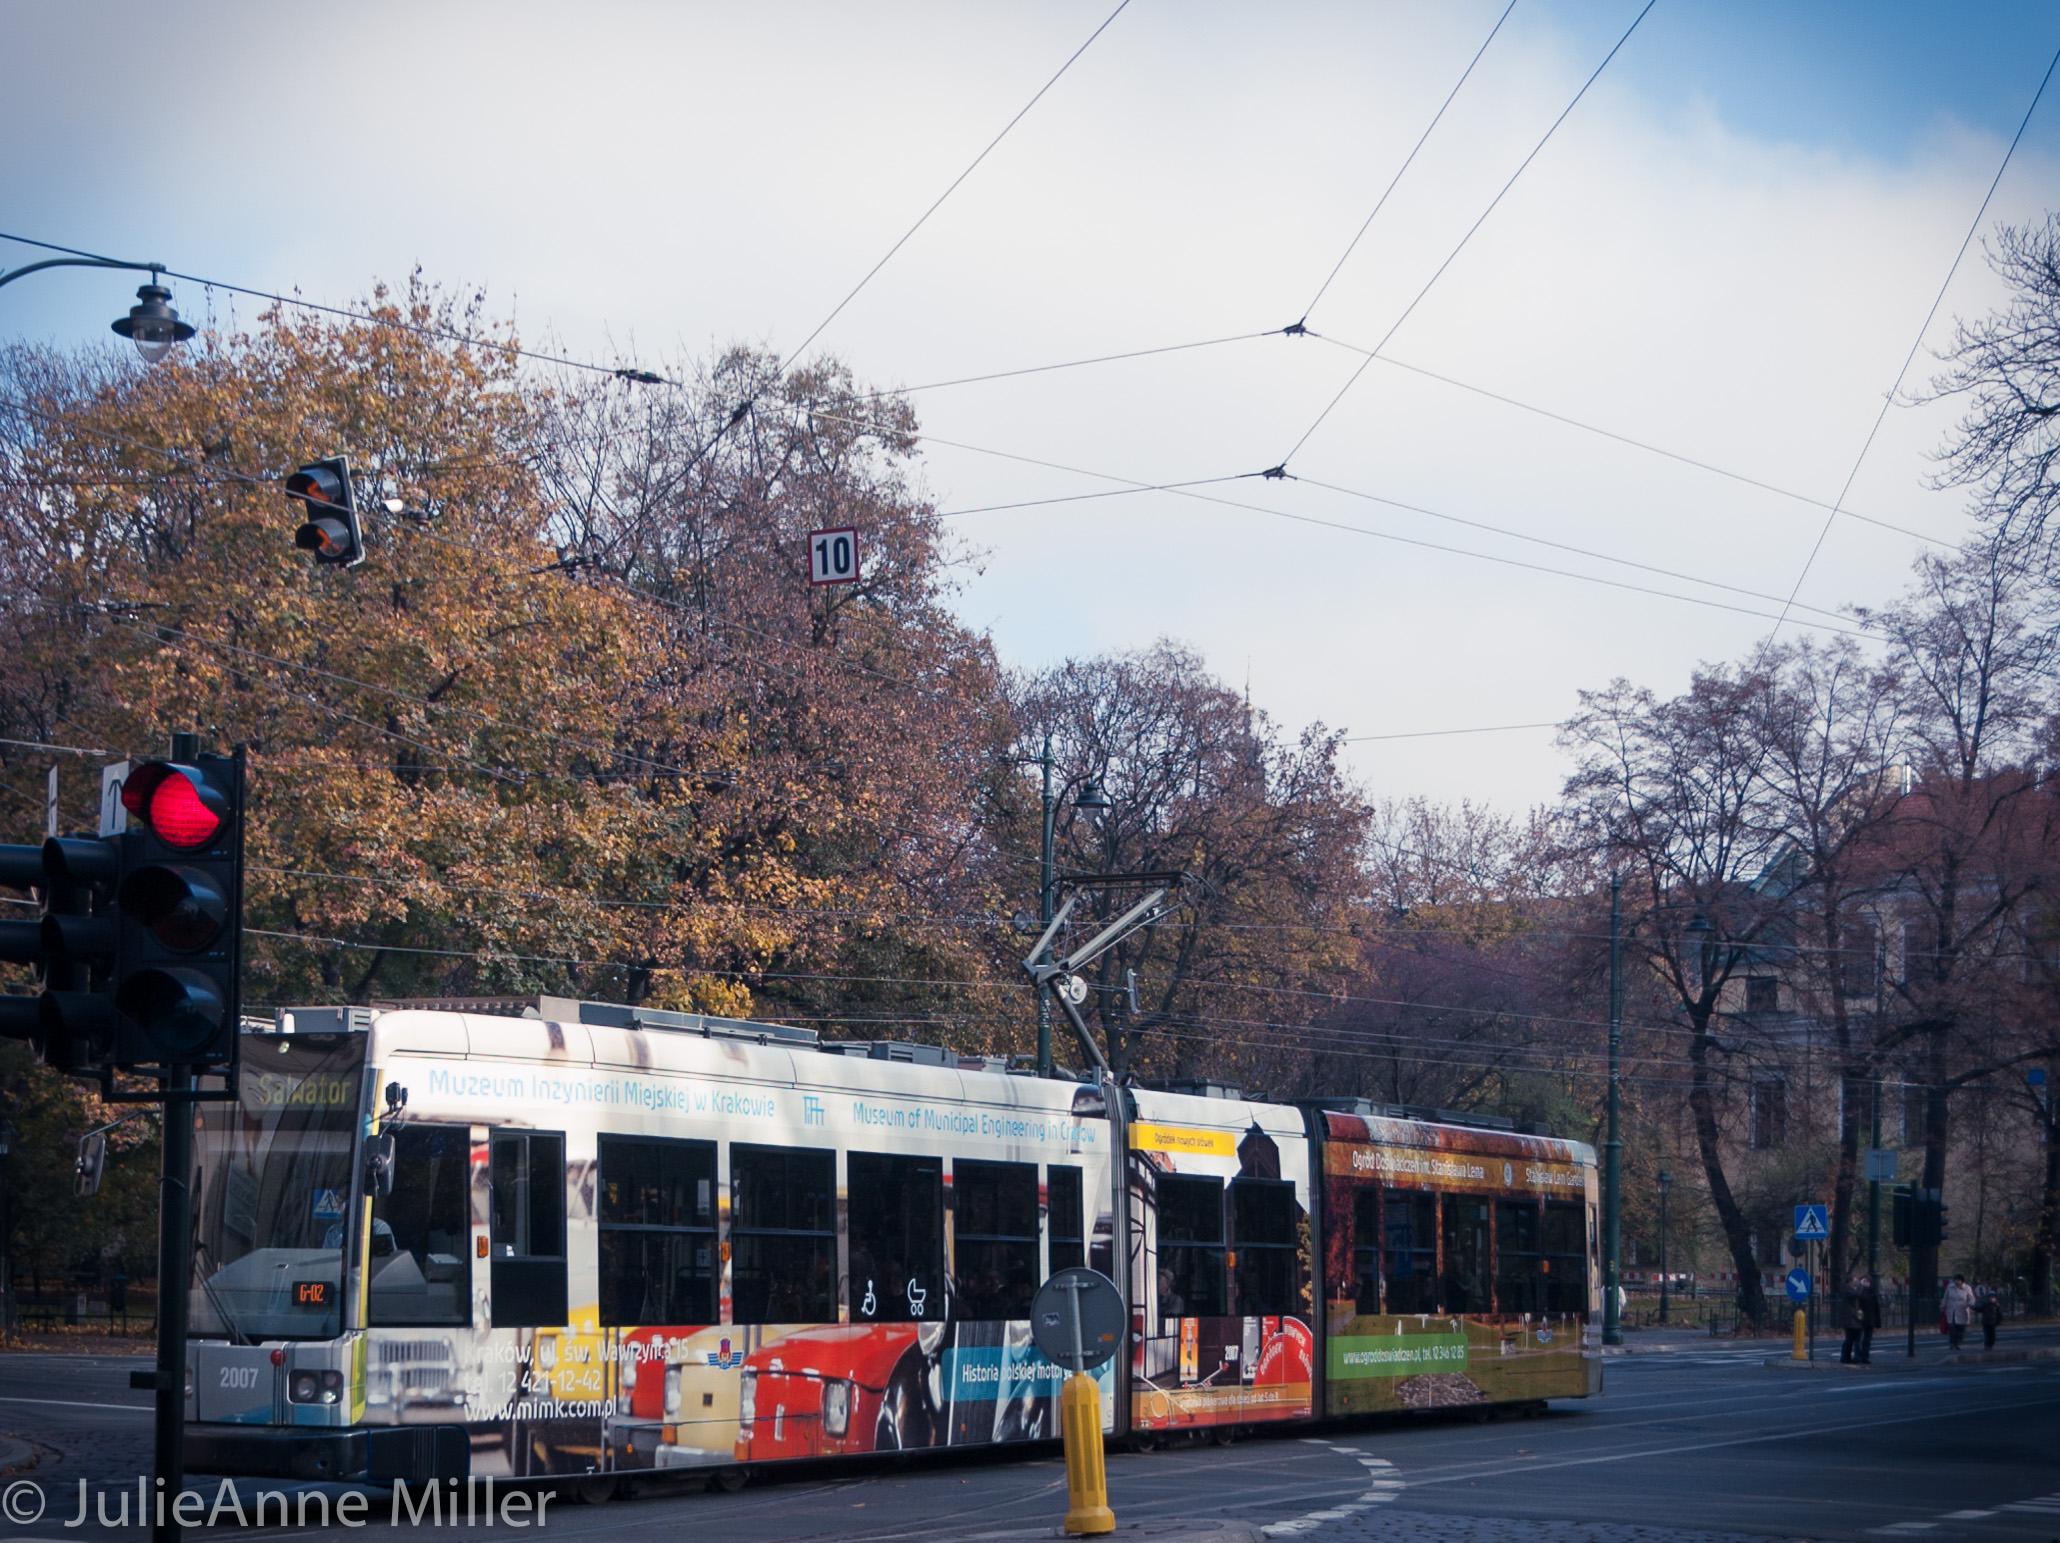 krakow tram.jpg